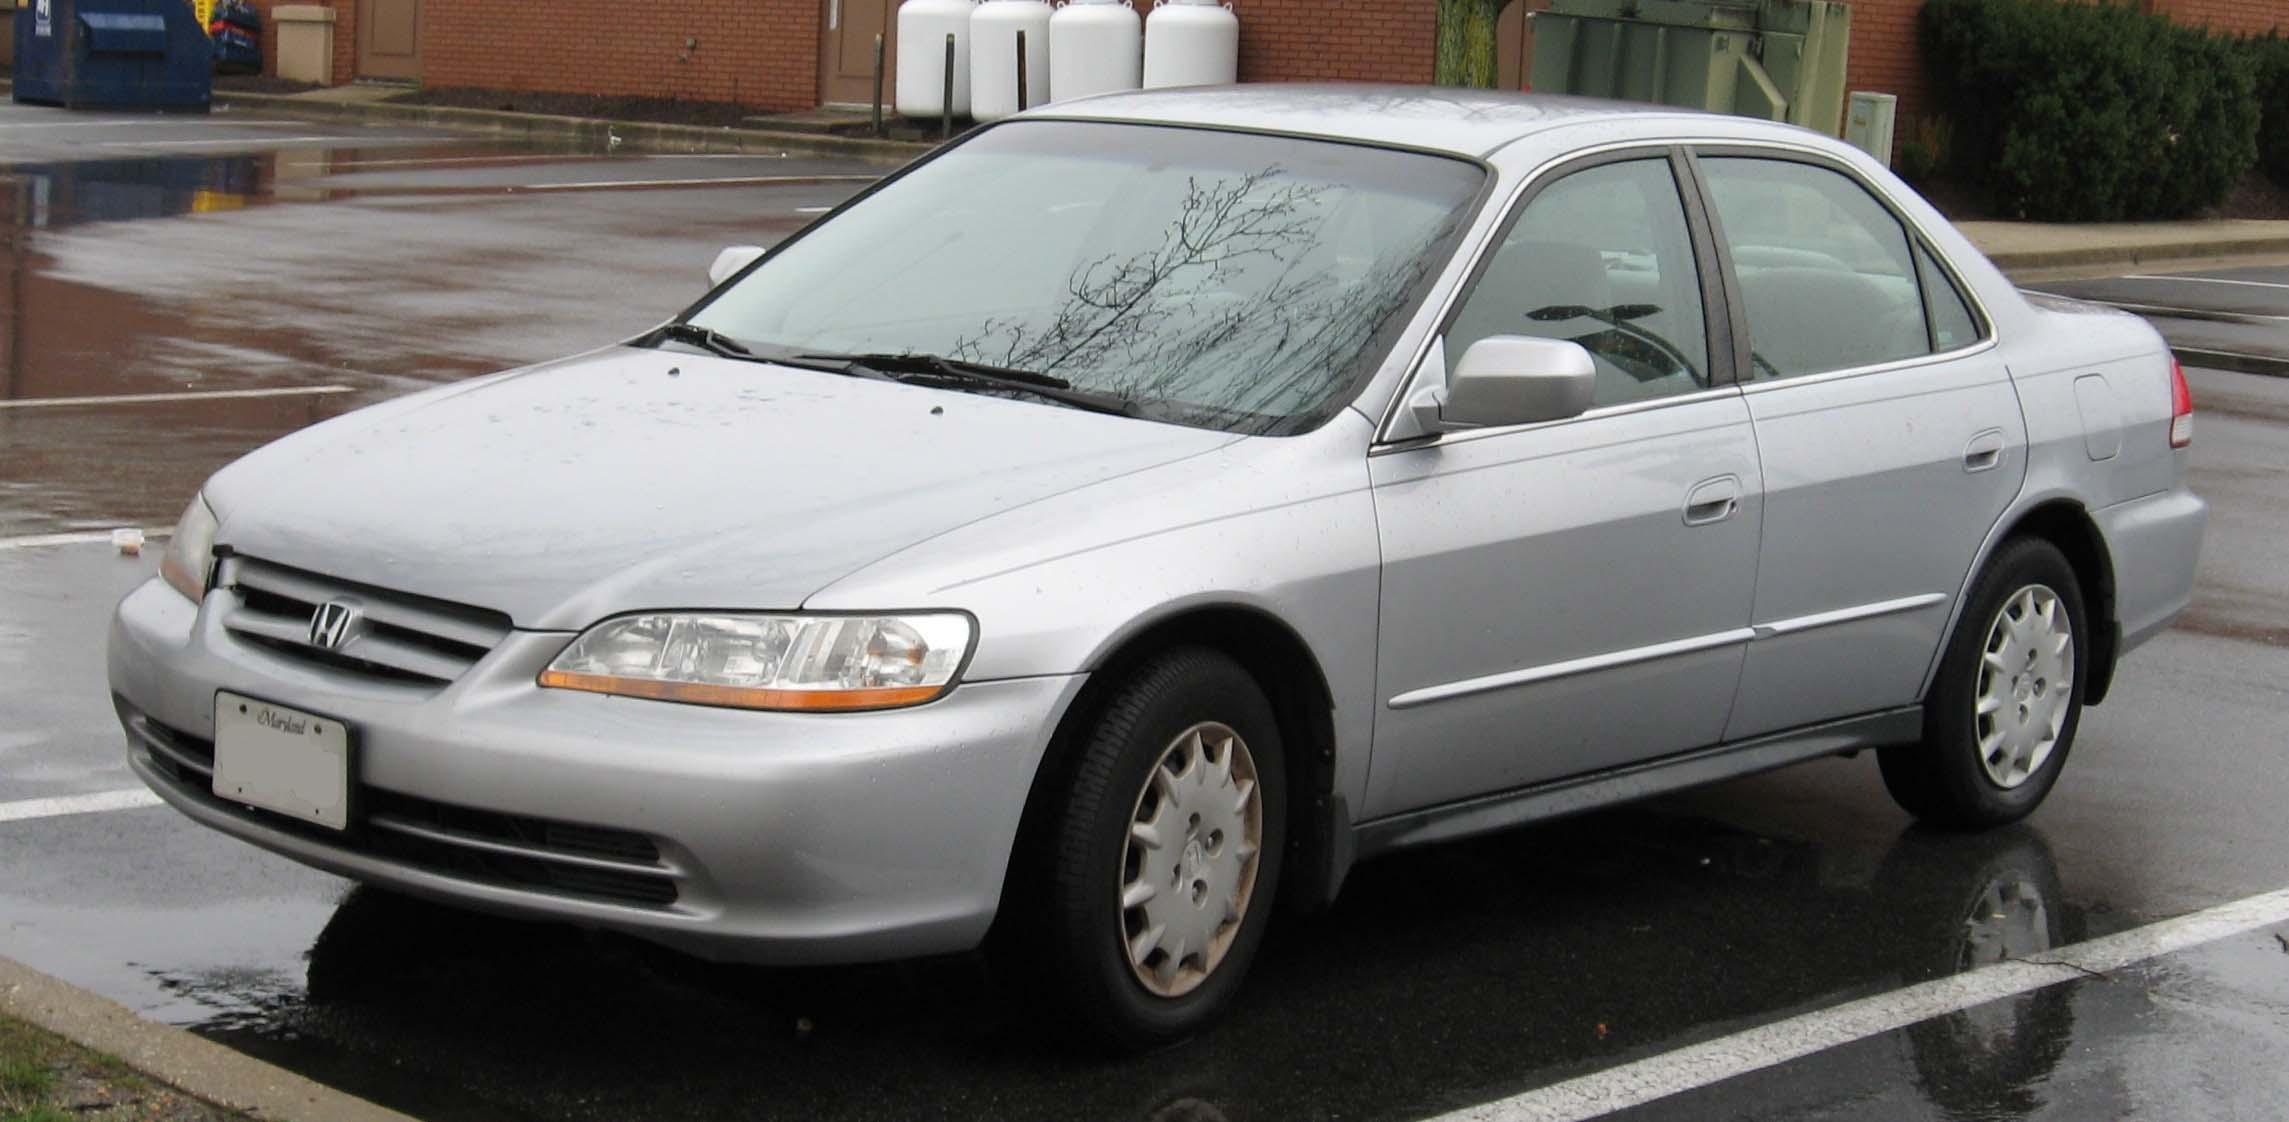 File:01-02 Honda Accord.jpg - Wikimedia Commons